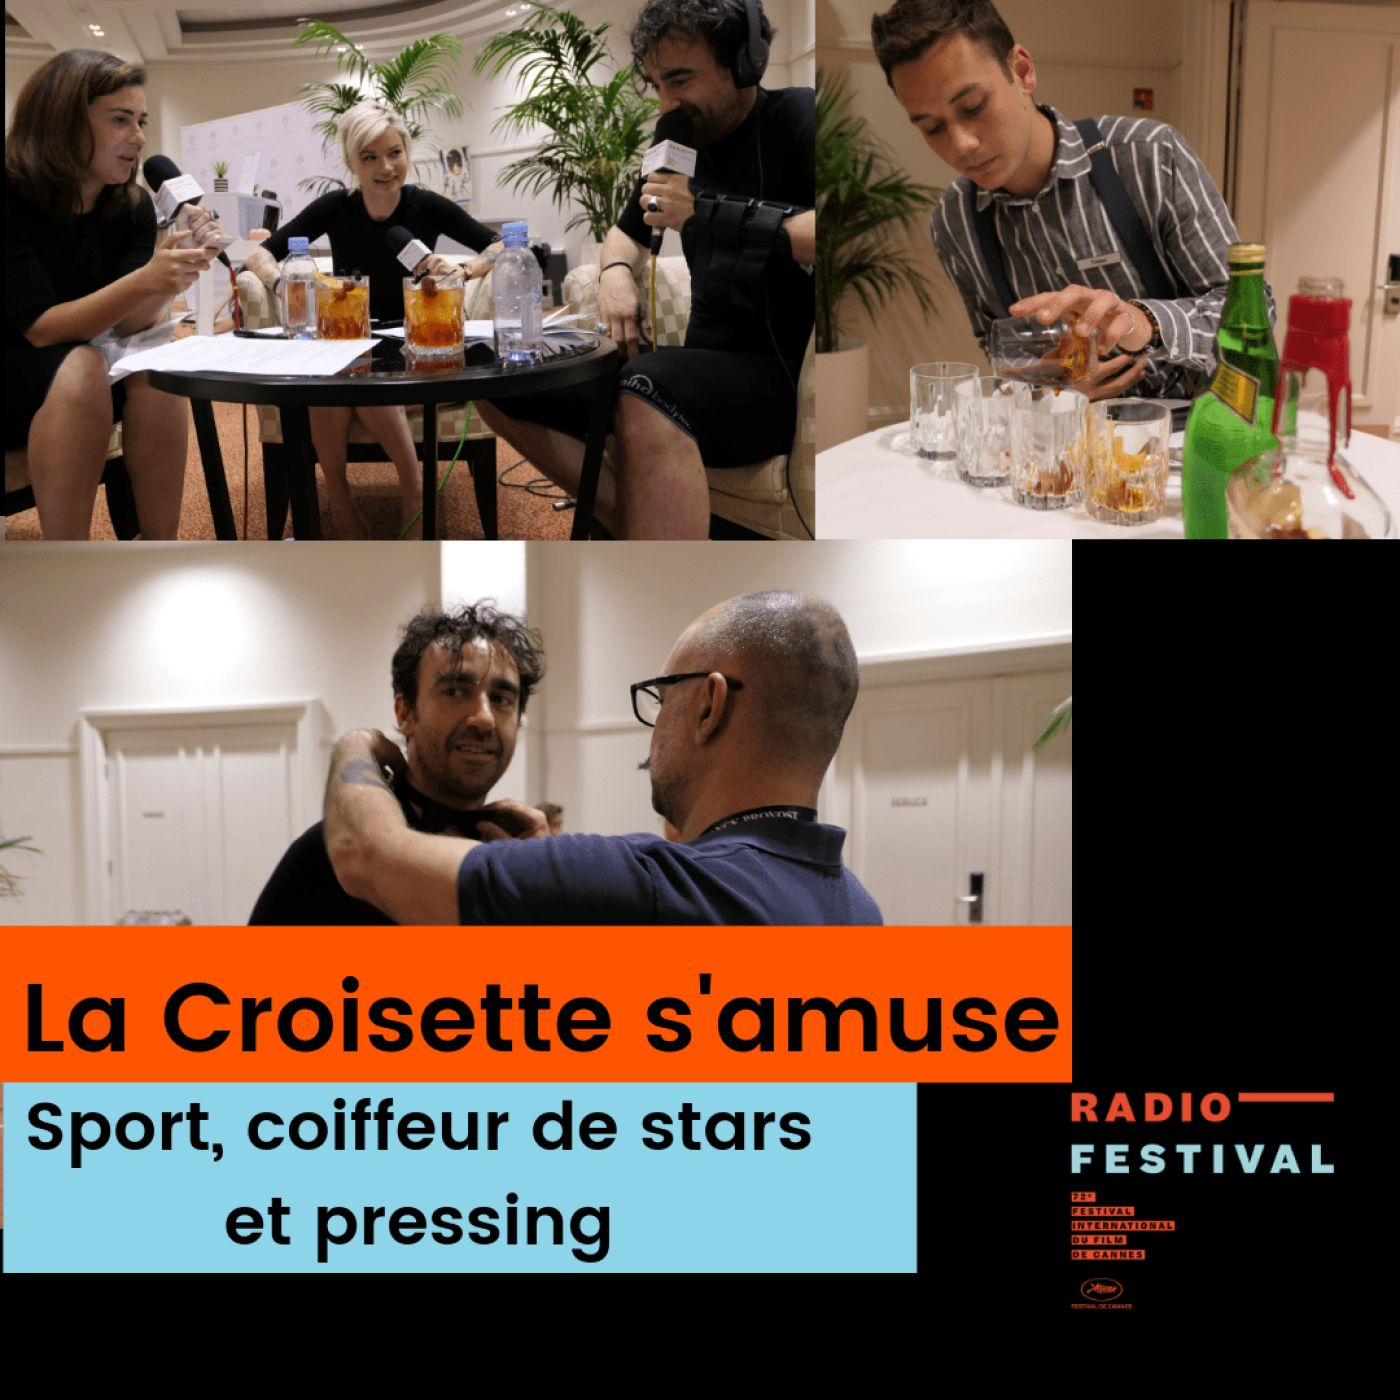 Le cocktail de Shining, du sport, le coiffeur des stars et le pressing - 16 mai 2019